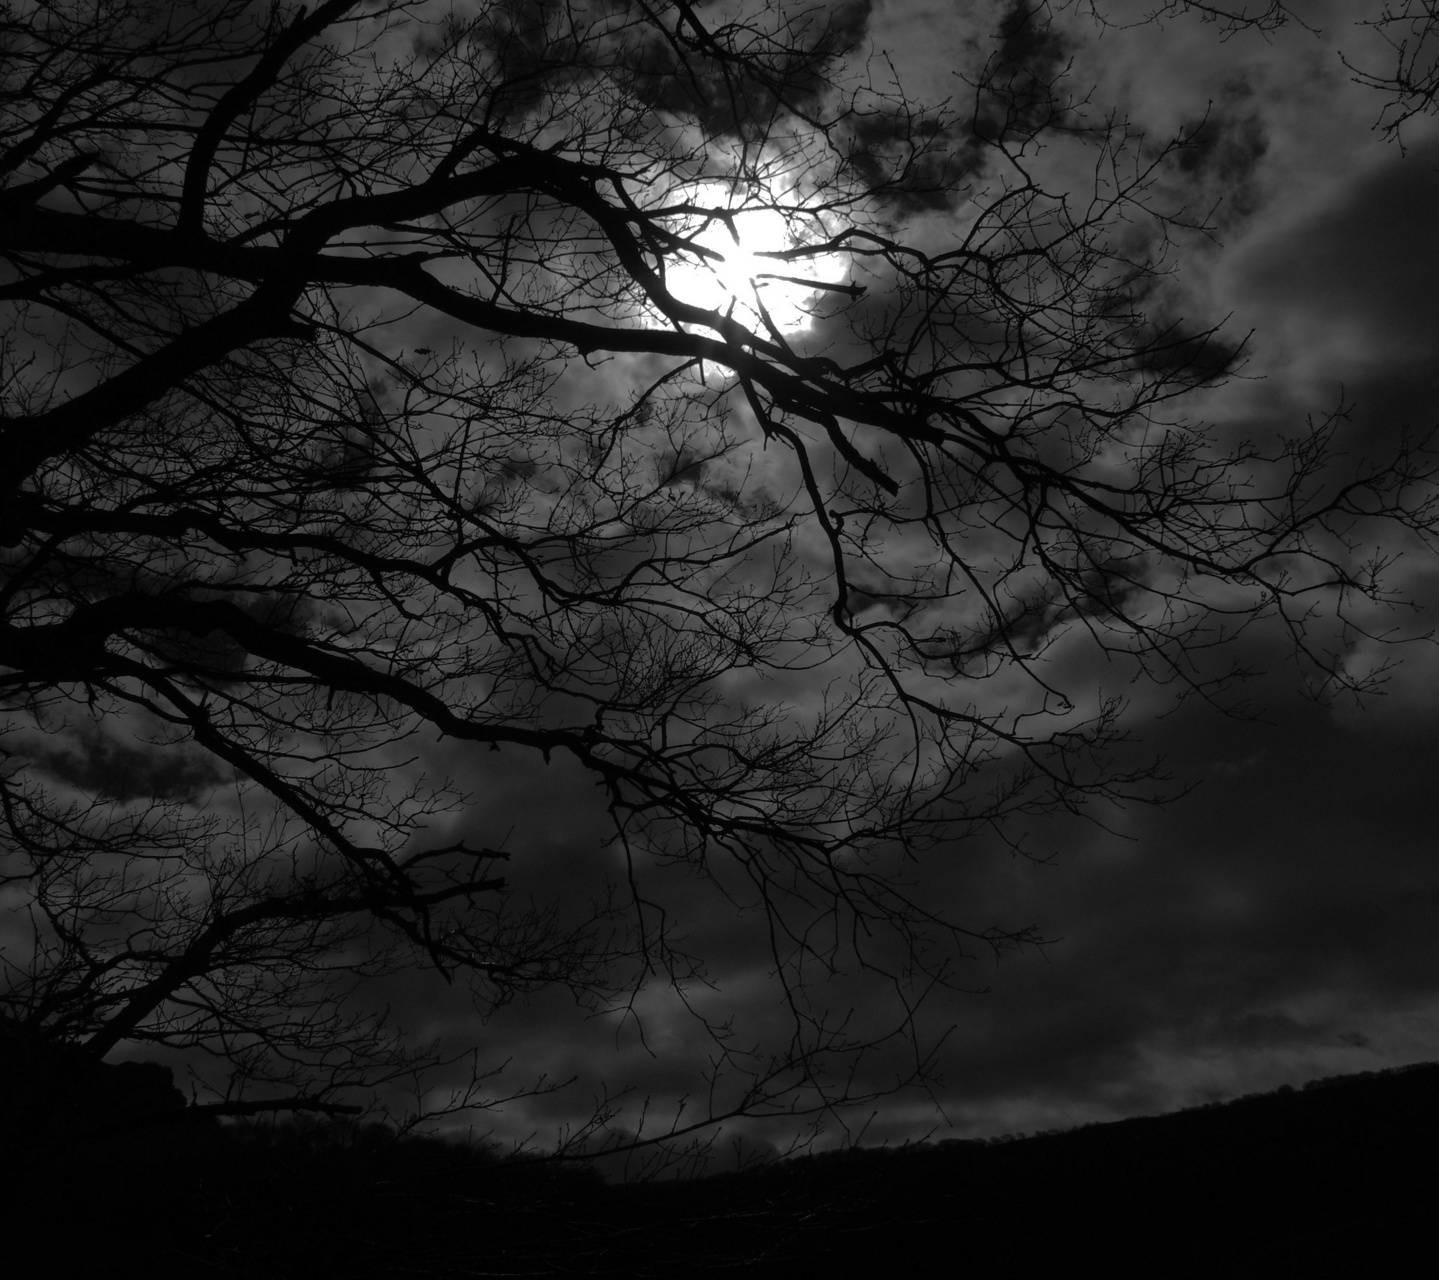 عکس زمینه ماه پشت ابر در آسمان شب پس زمینه